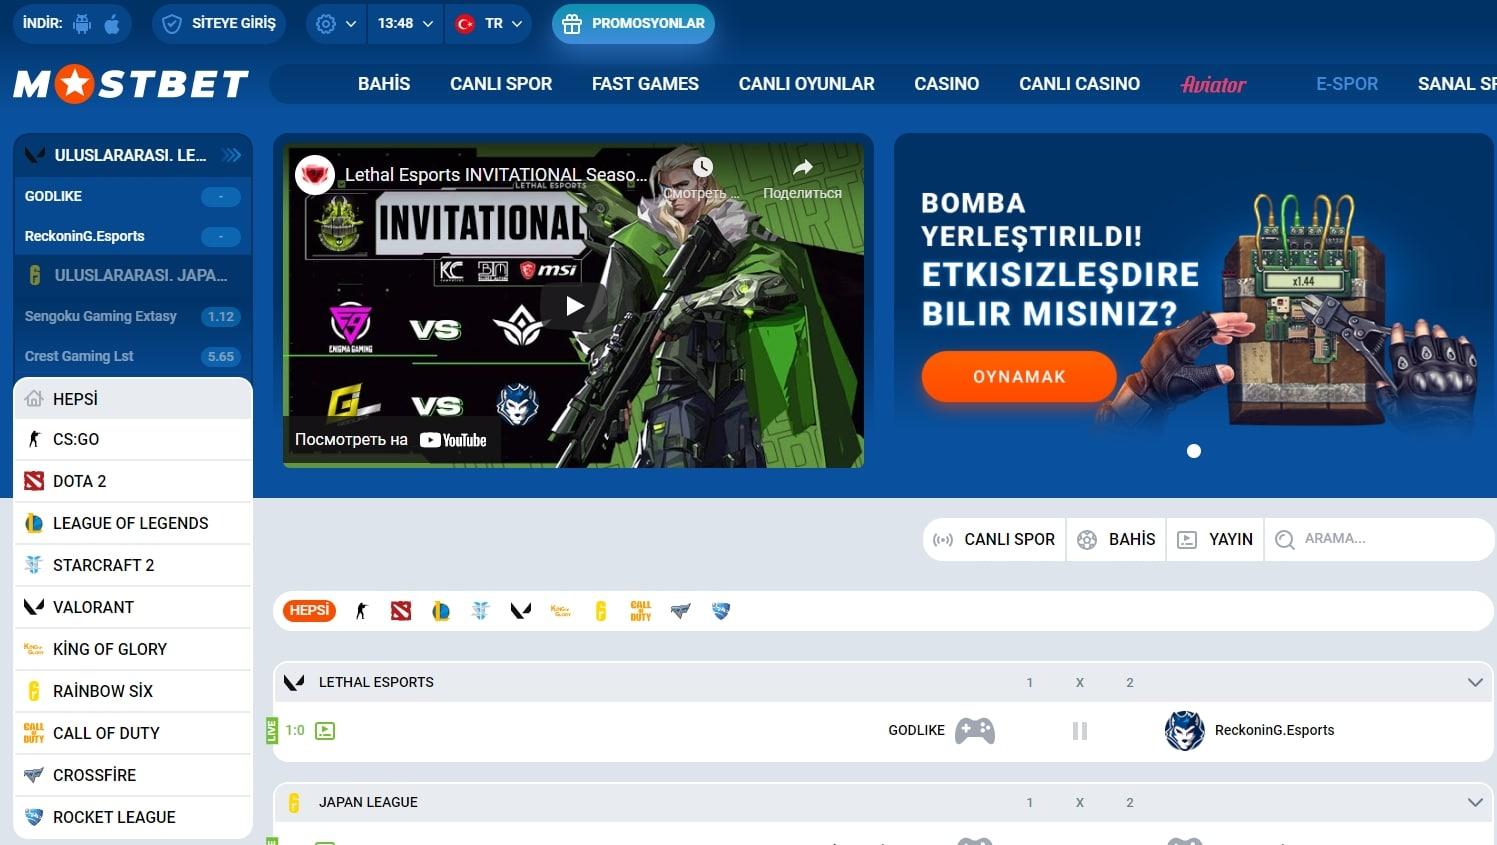 E-spor bölümünün sayfası